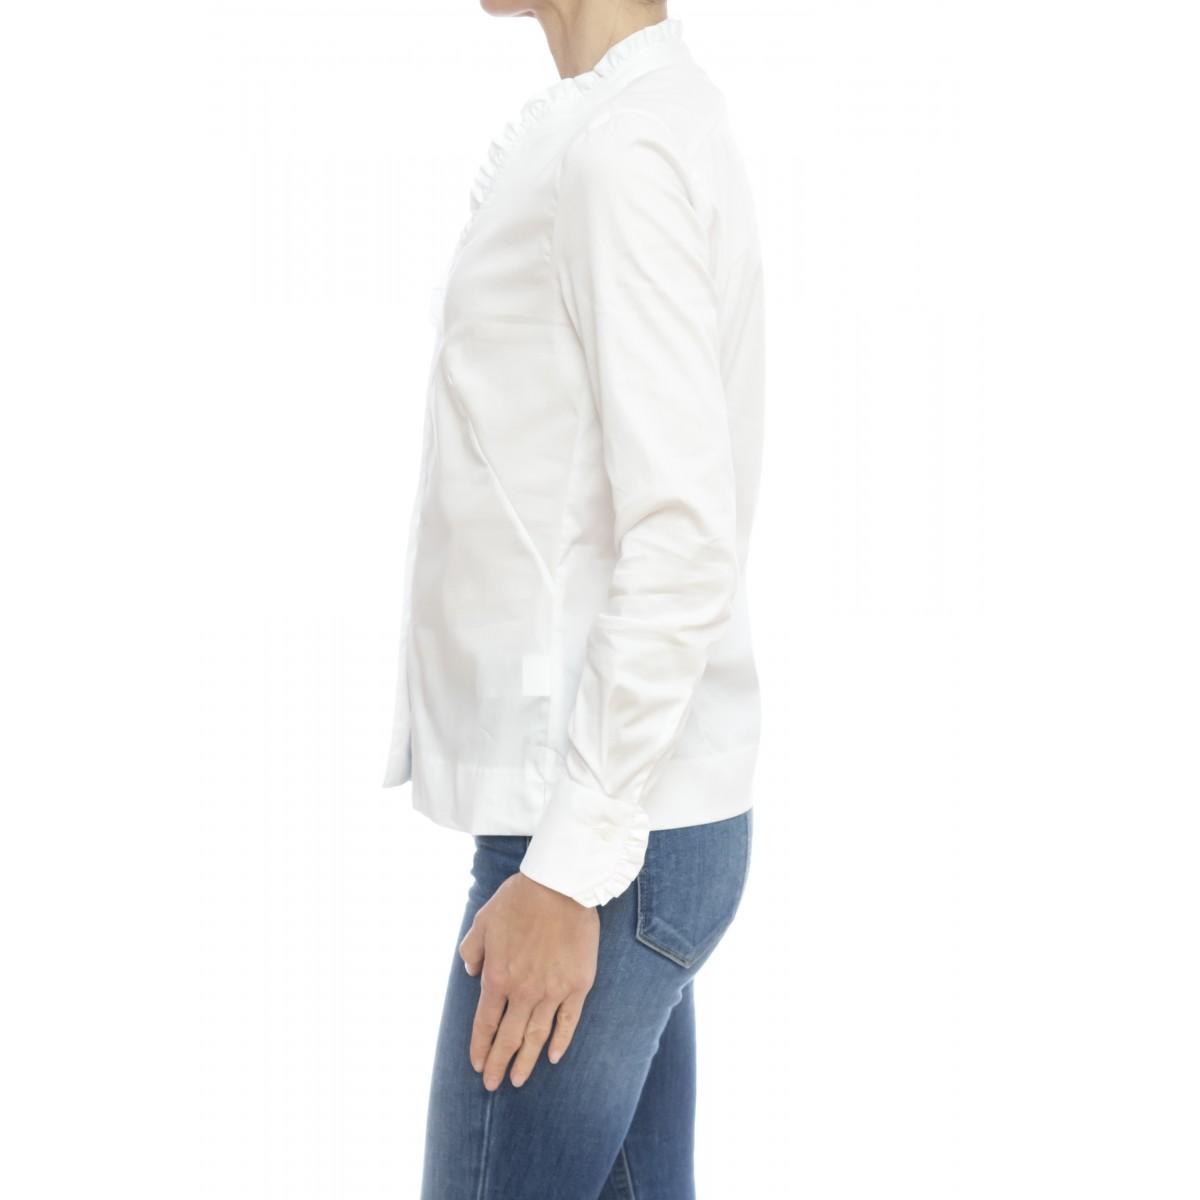 Camicia donna - Pj2 yoy camicia cotone strech rouge